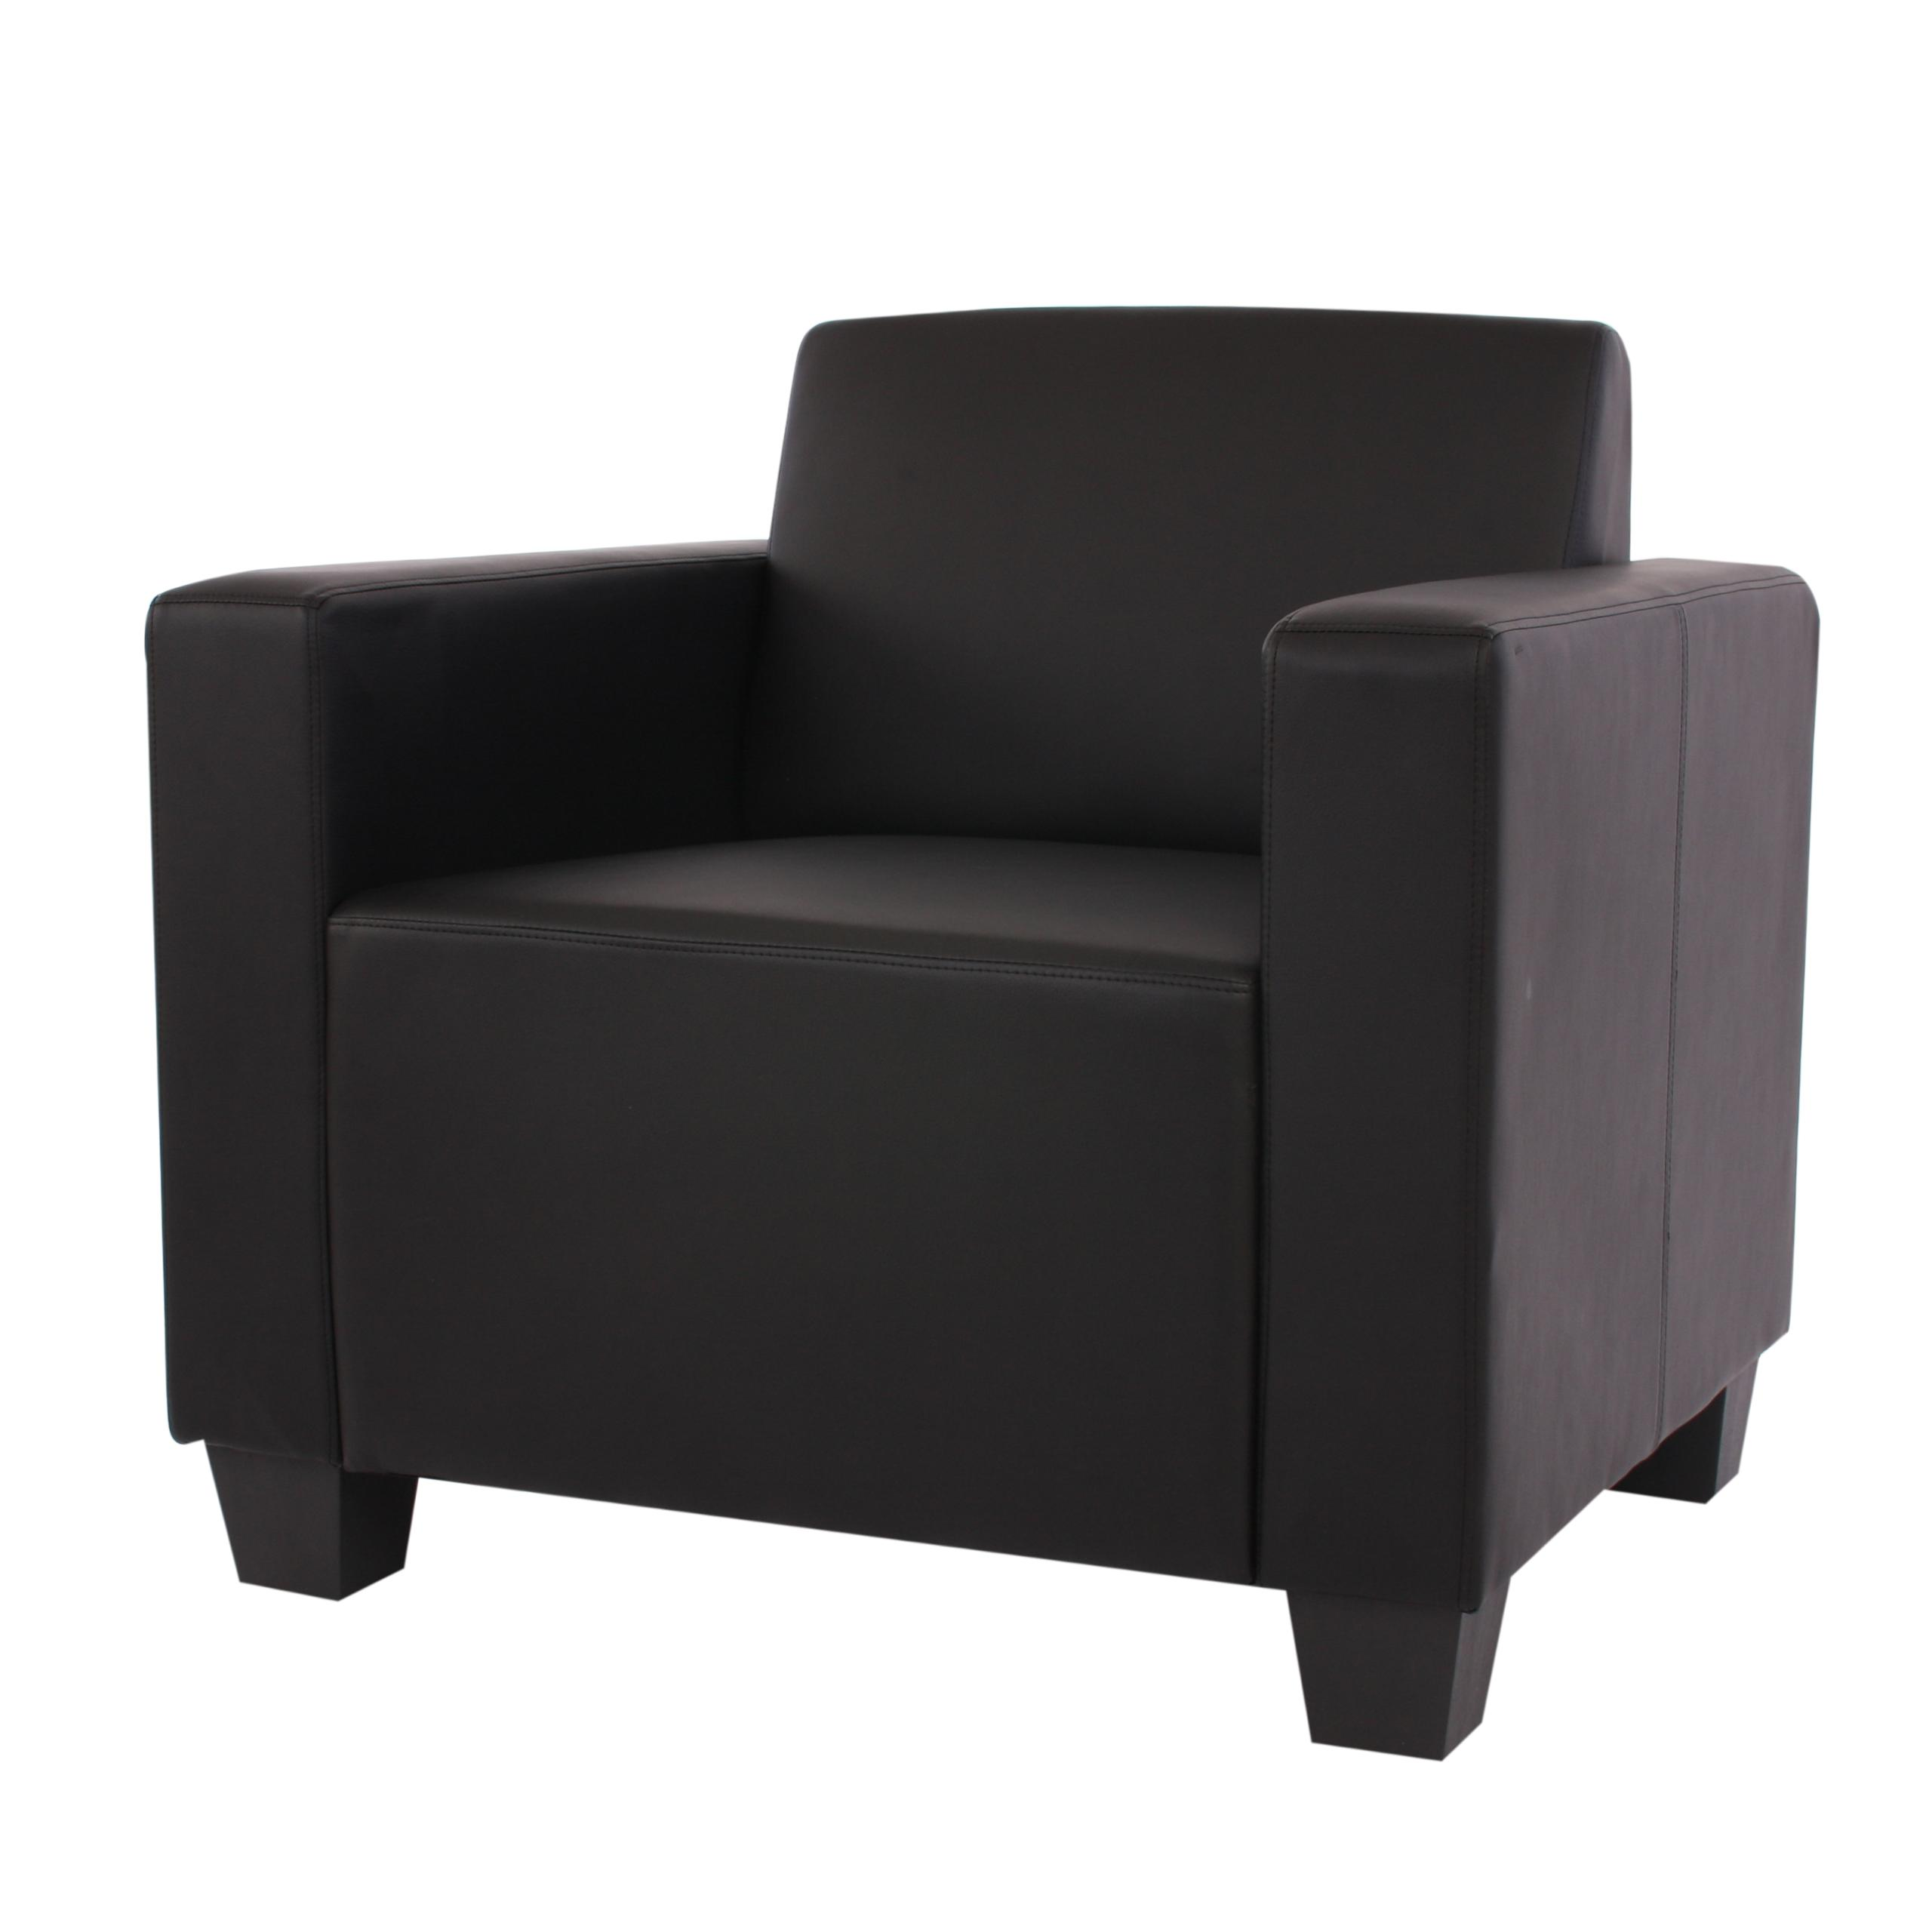 Sof 1 plaza lyon gran dise o y confort en piel negra sill n 1 plaza lyon gran dise o y - Sillon de una plaza ...